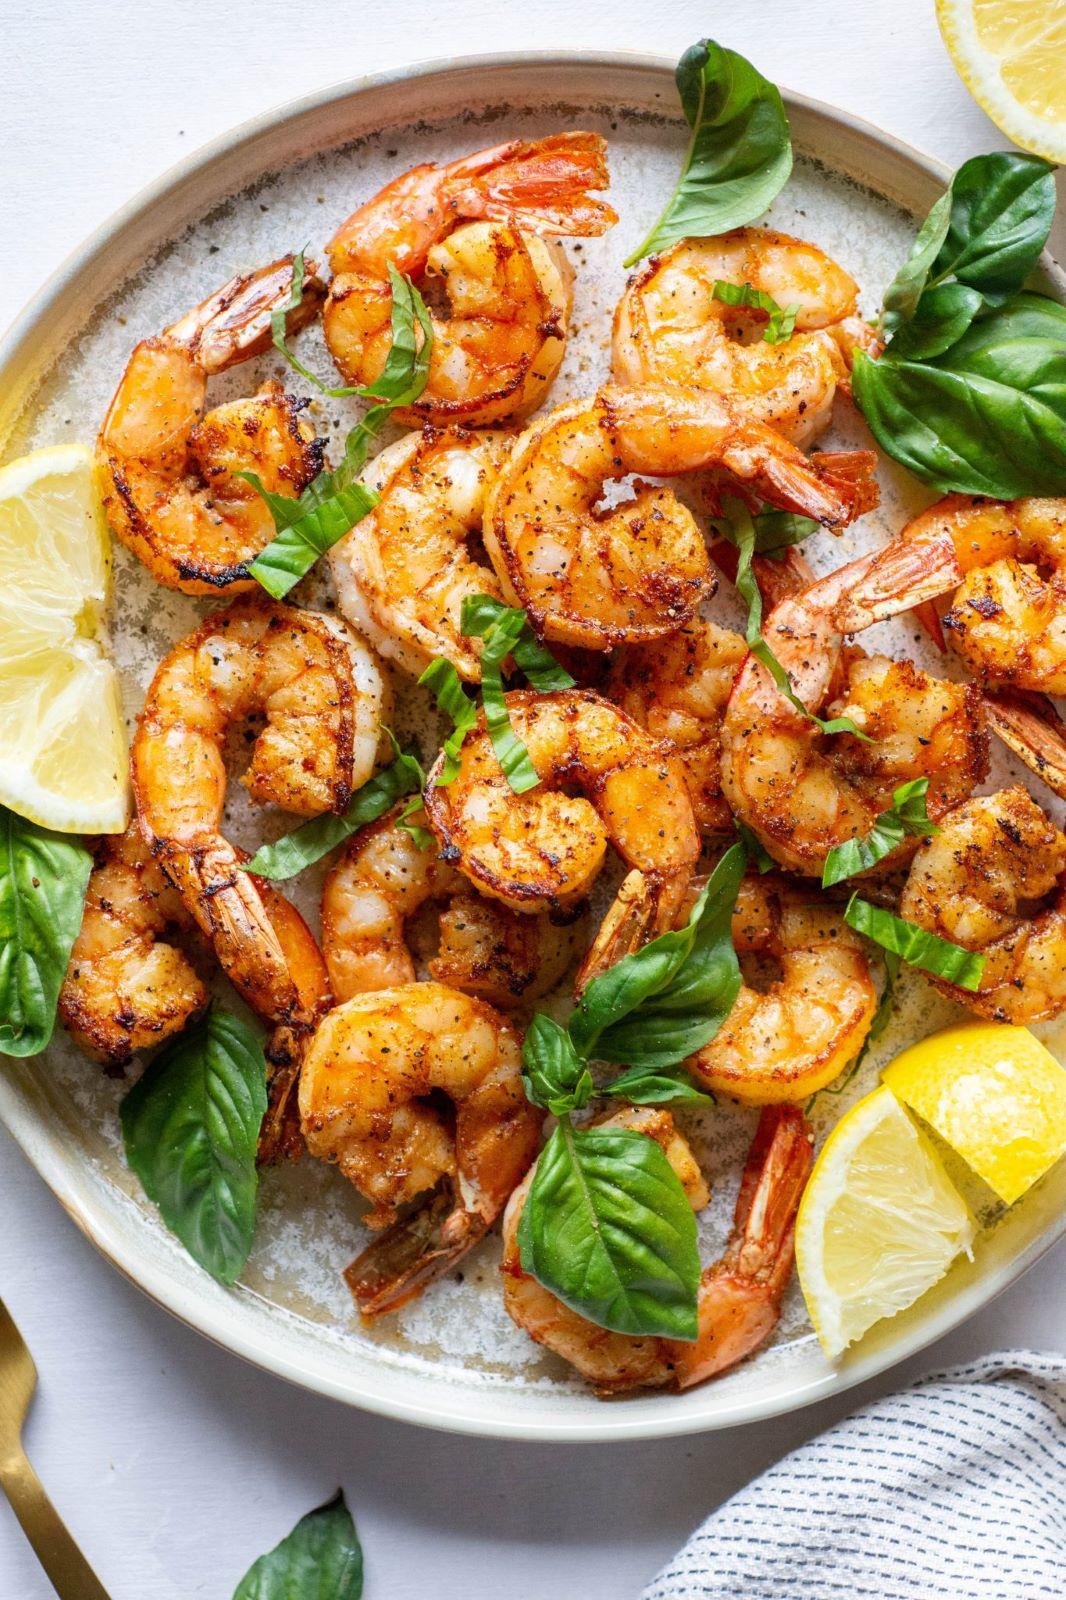 Garlic-Basil-Shrimp with lemon